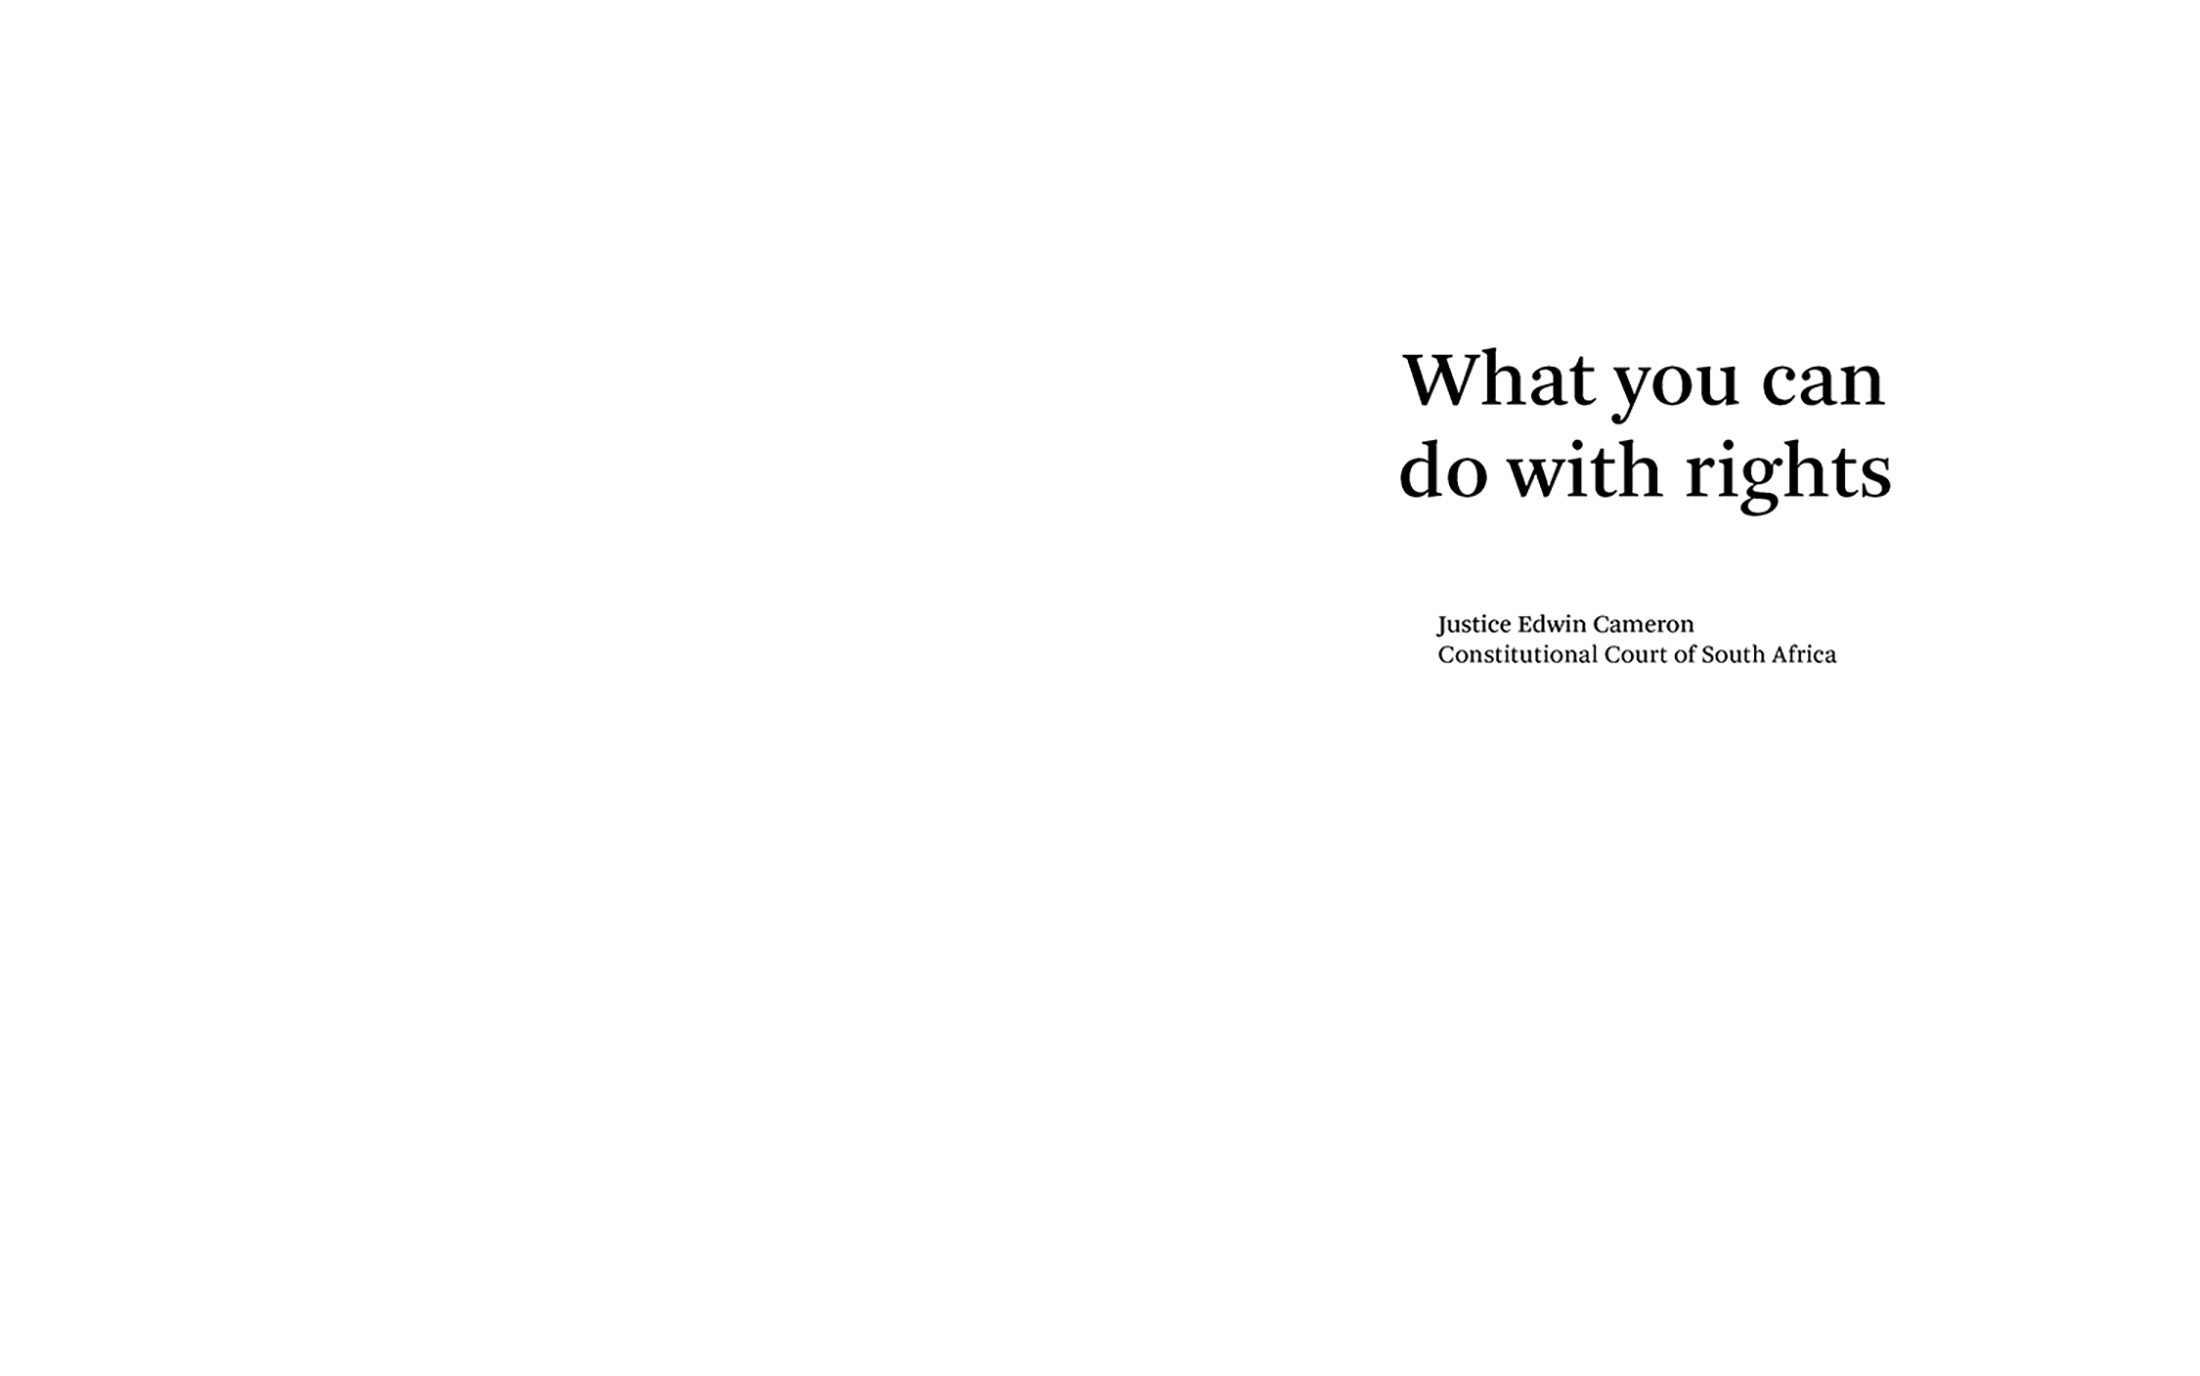 BoR_page_8-95.jpg